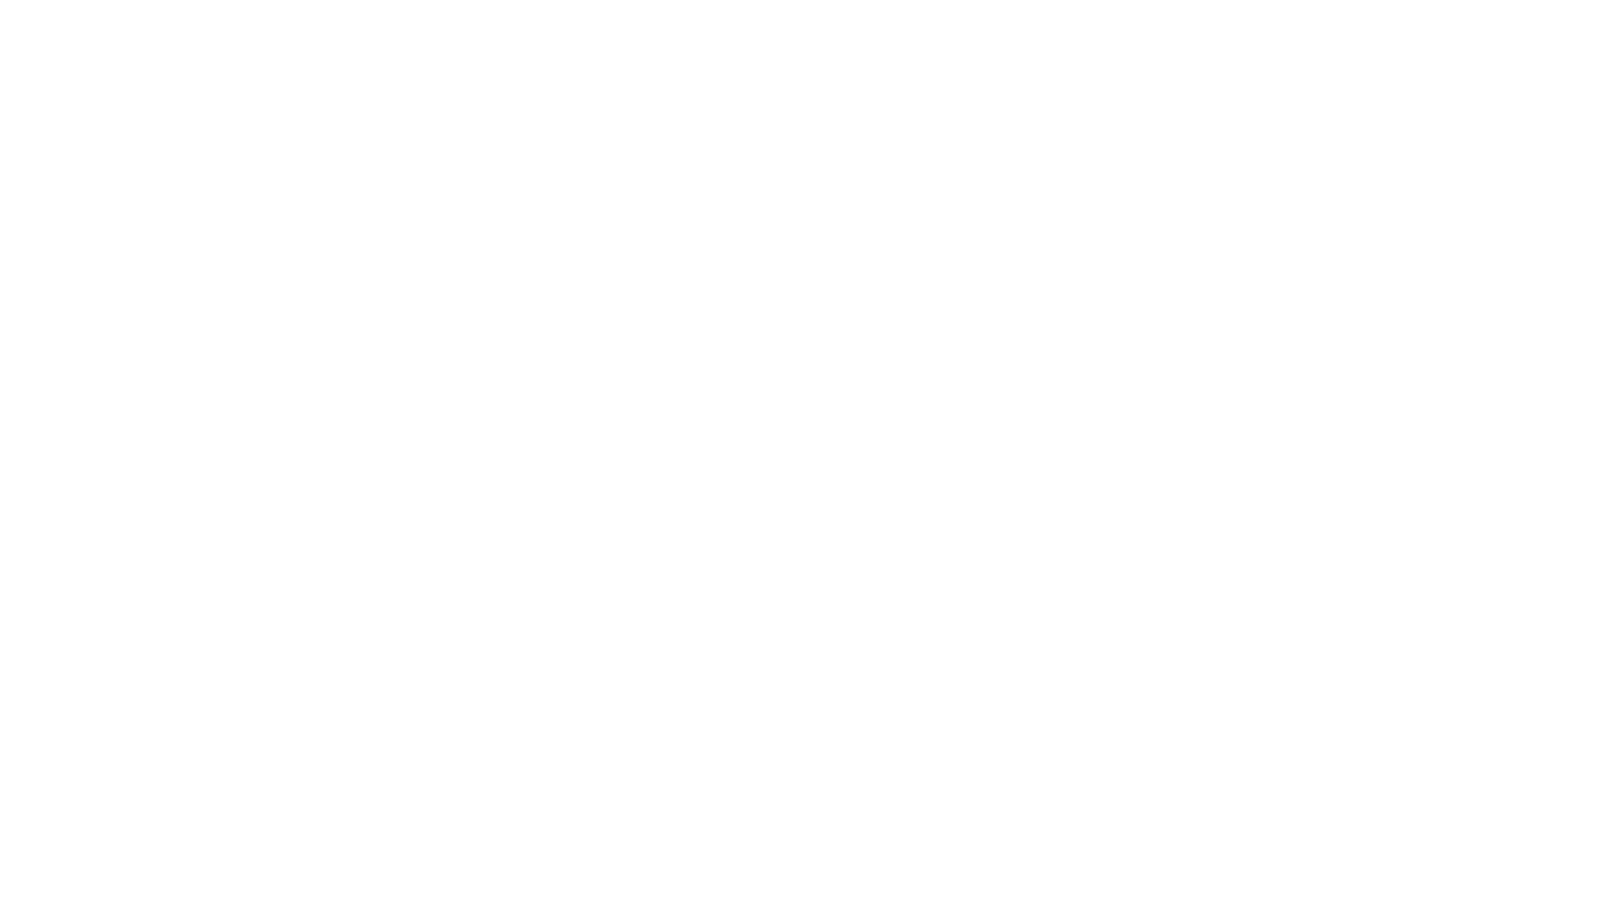 Trompete: Frank Plewka (Landesposaunenwart EKM) Orgel: Stefanie Schneider (Kreiskantorin Haldensleben-Wolmirstedt)  Text: Johannes Möcker (stellv. Obmann im Posaunenwerk der EKM)   Aufgezeichnet in der St. Katharinenkirche Wolmirstedt